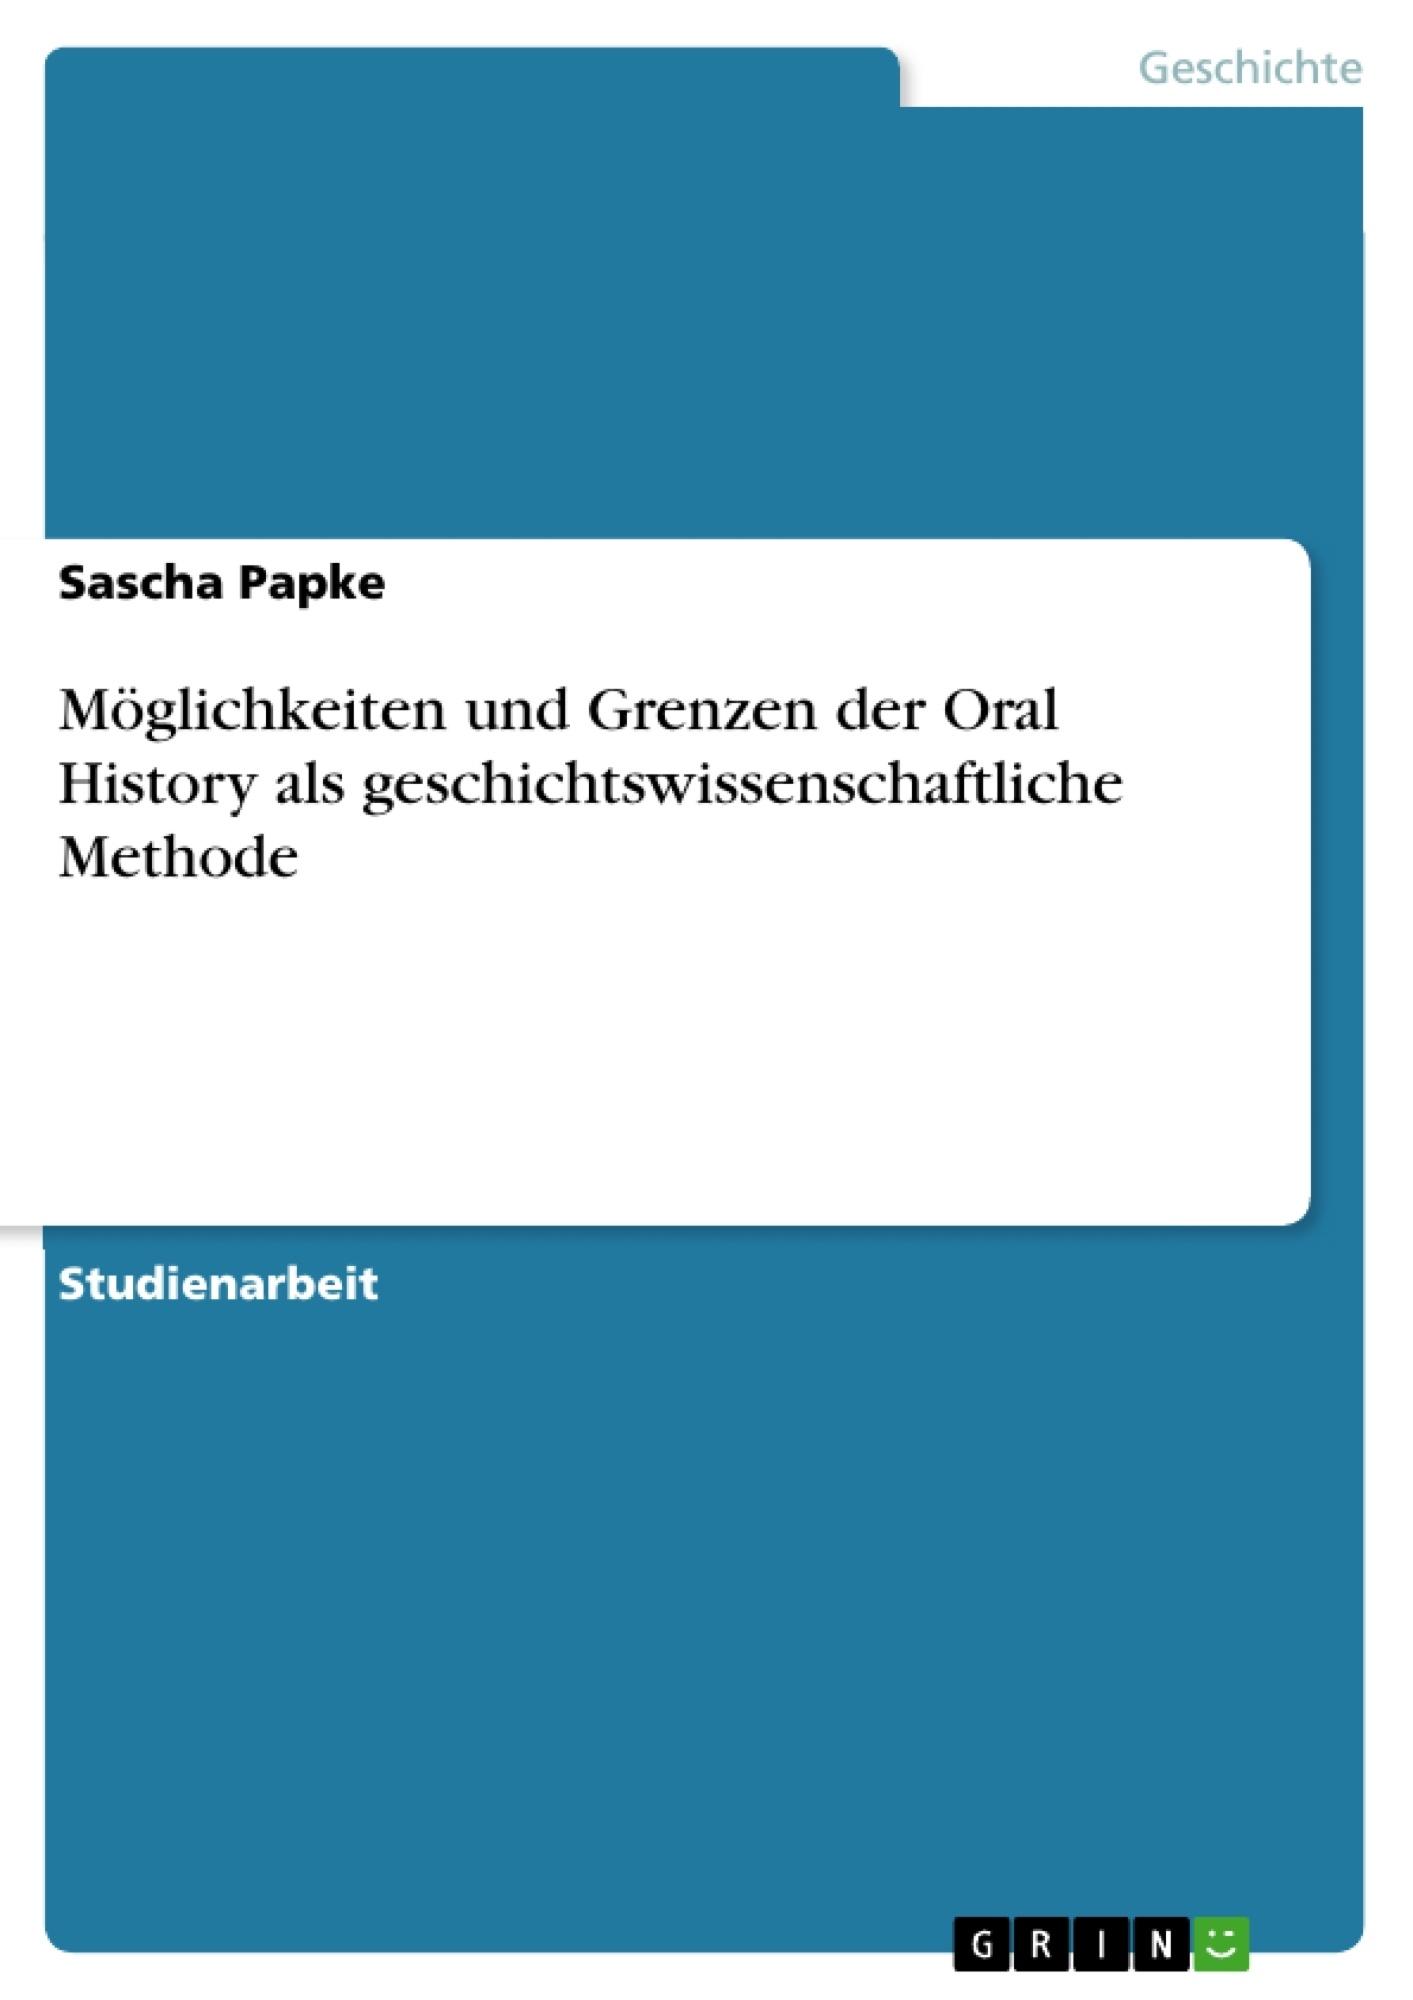 Titel: Möglichkeiten und Grenzen der Oral History als geschichtswissenschaftliche Methode